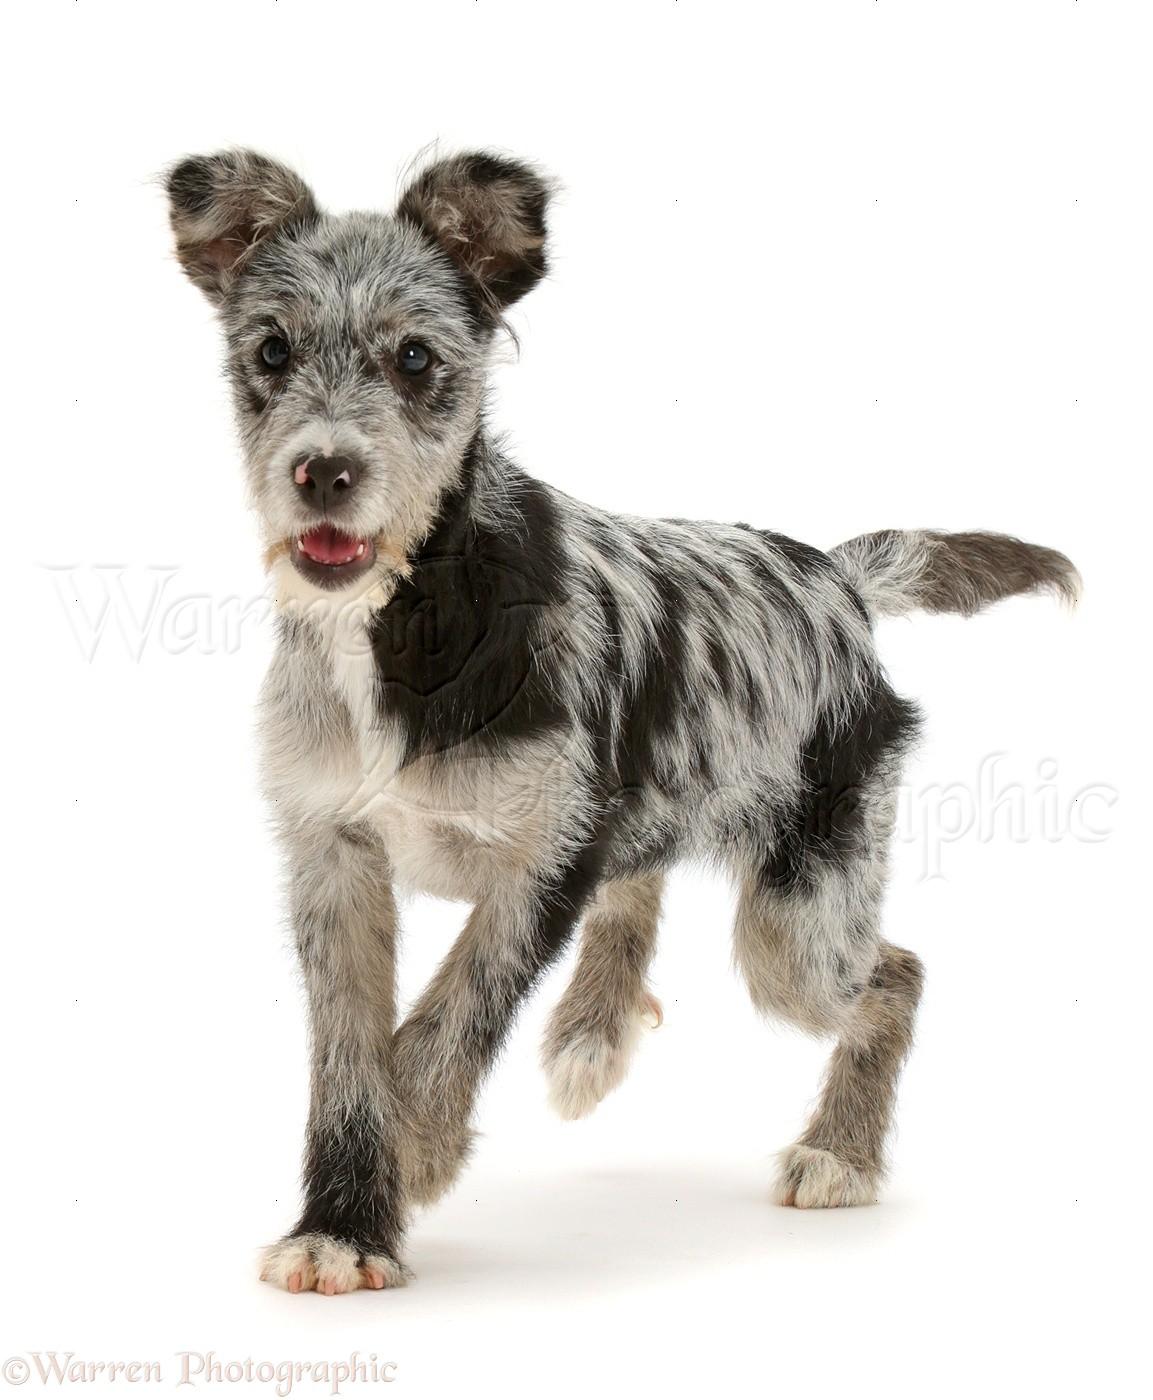 Puppy Mutt Dog